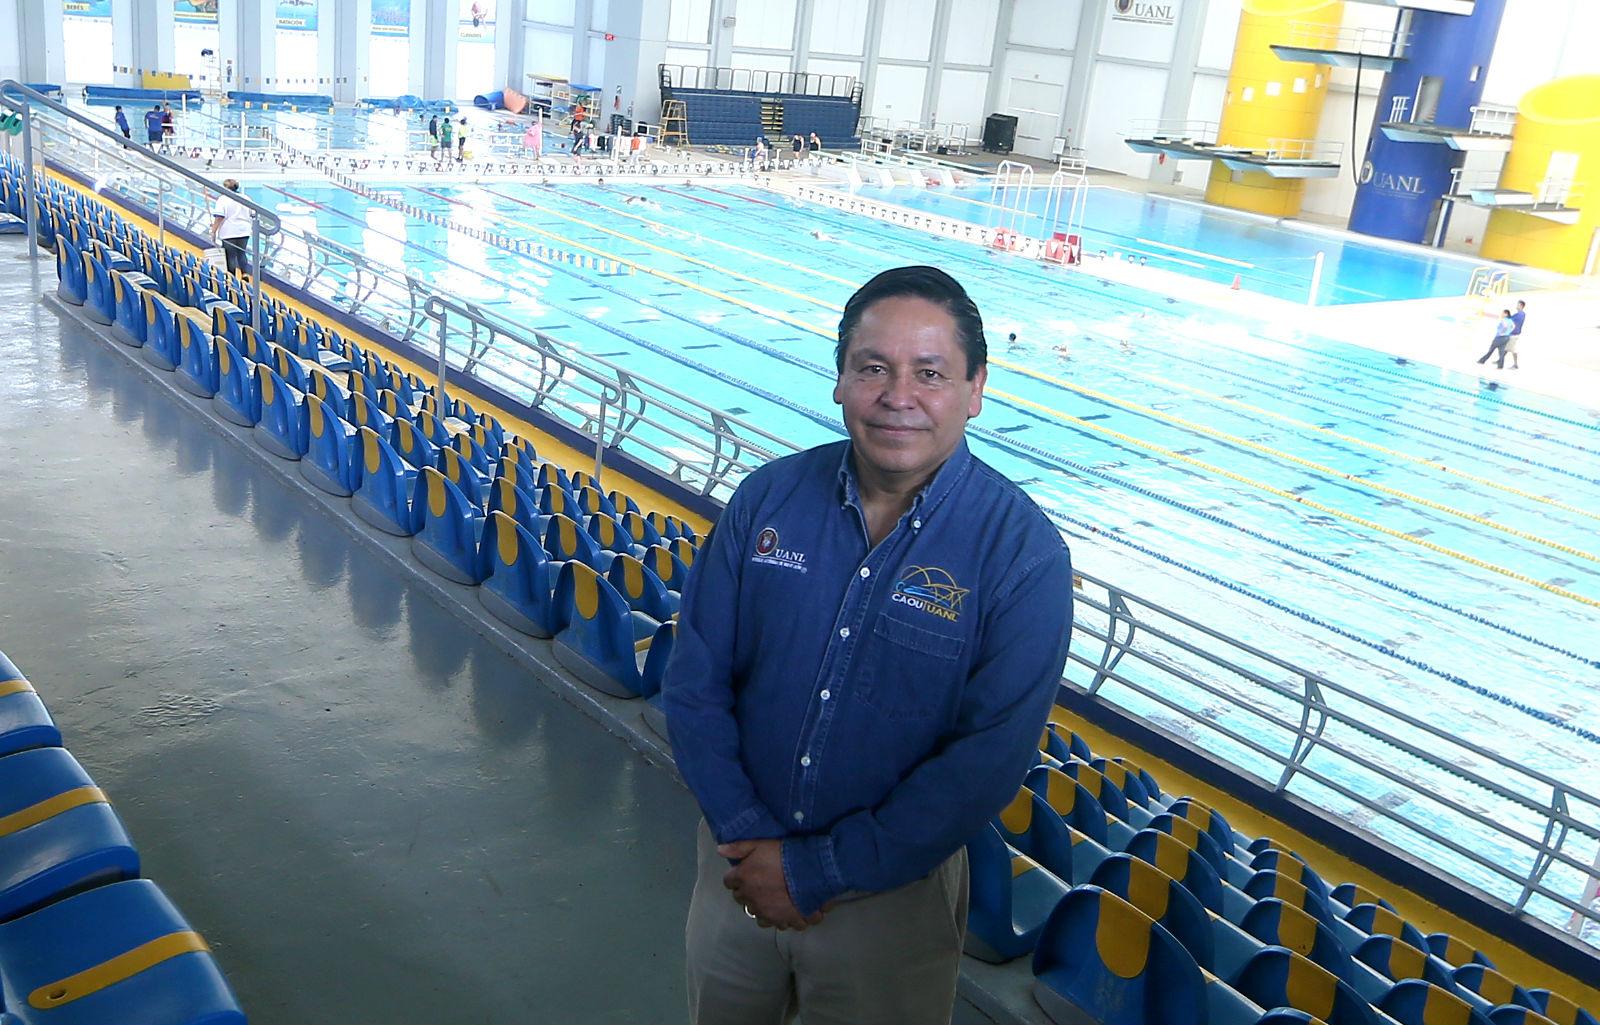 Jaime Segura Gómez, Coordinador General del Centro Acuático Olímpico Universitario